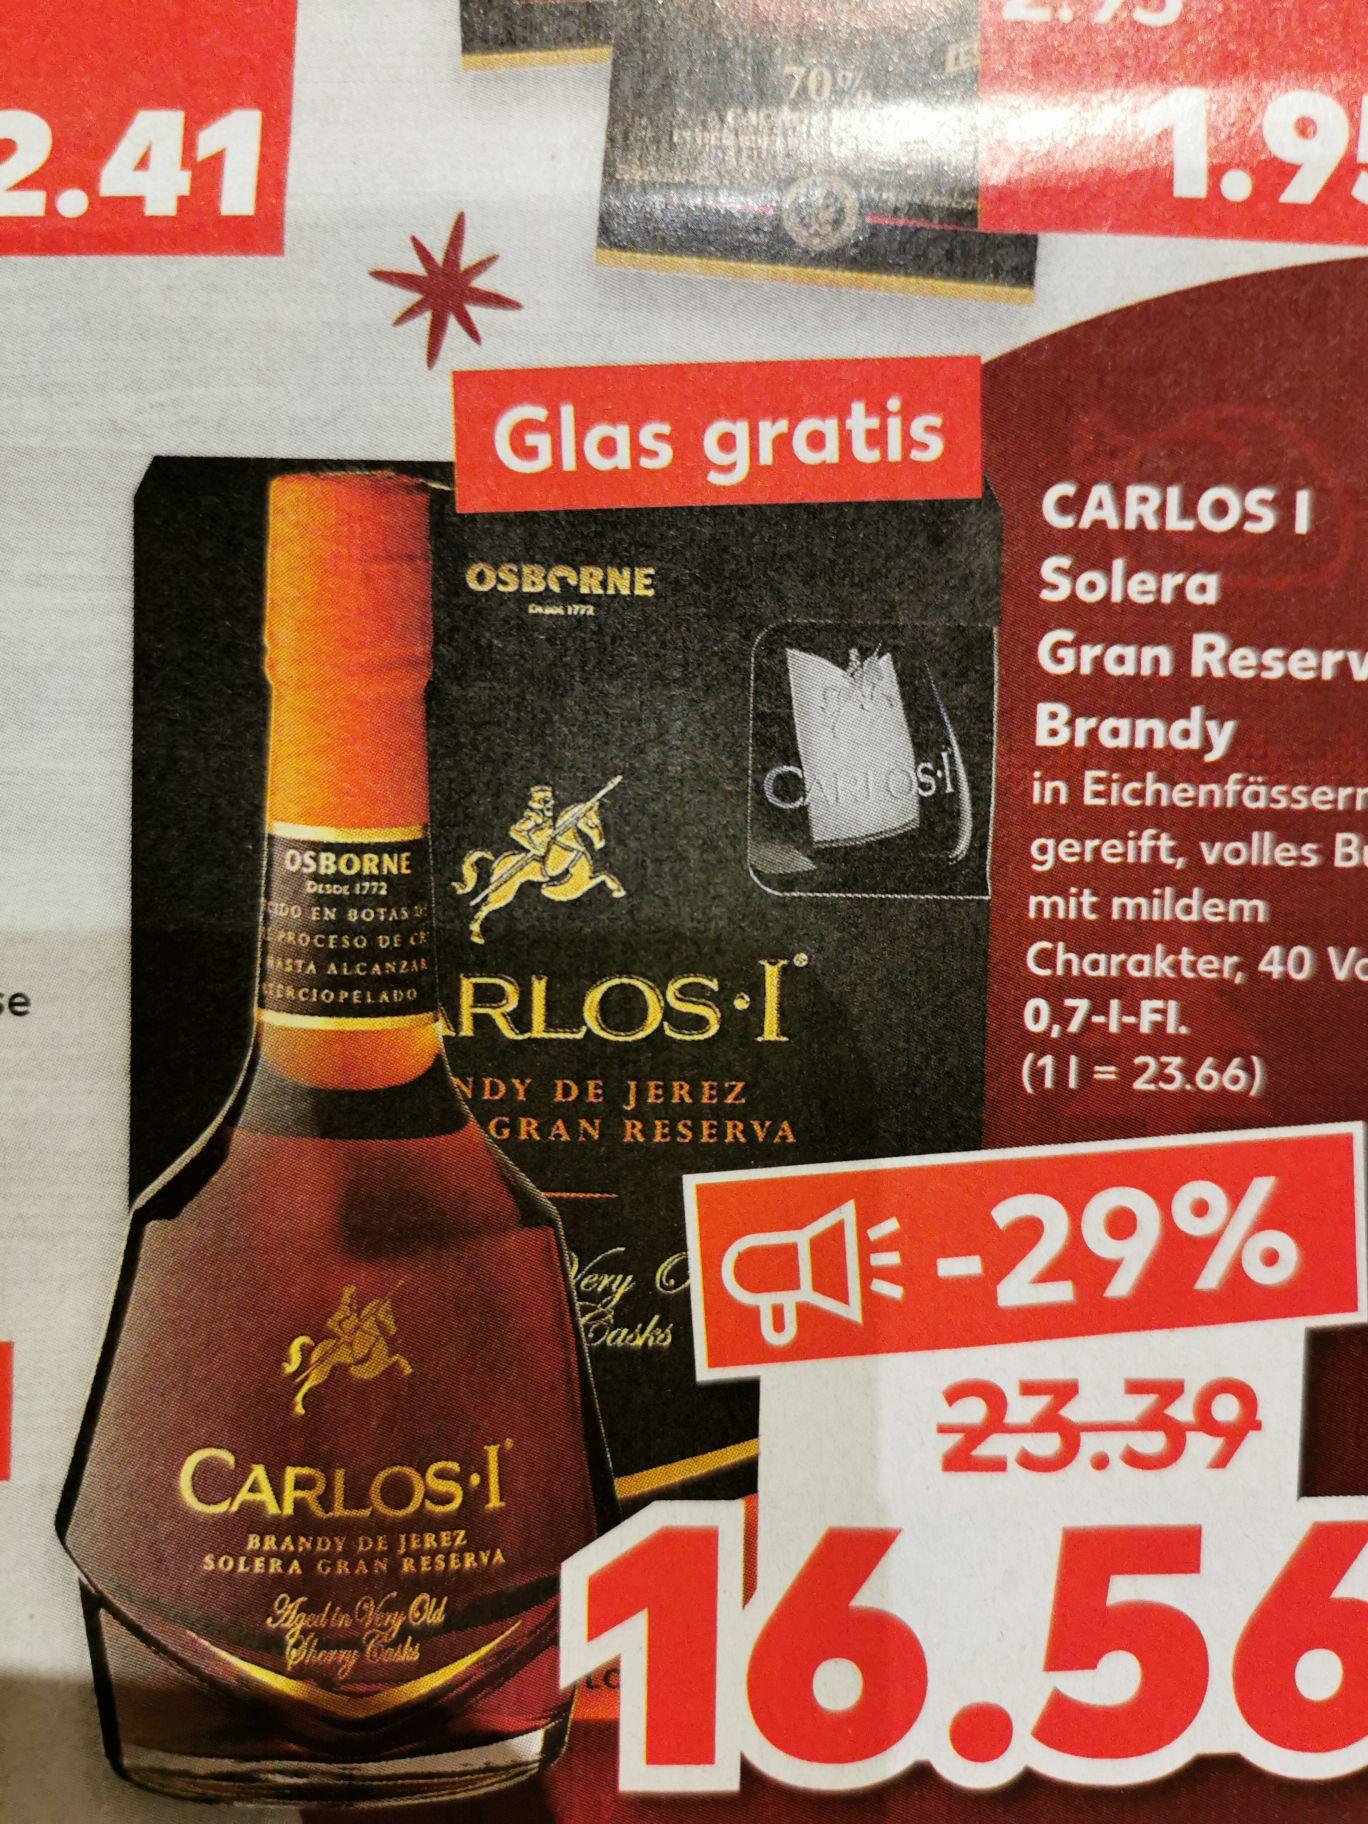 CARLOS I Solera Gran Reserva Span. Brandy 40 Vol. %